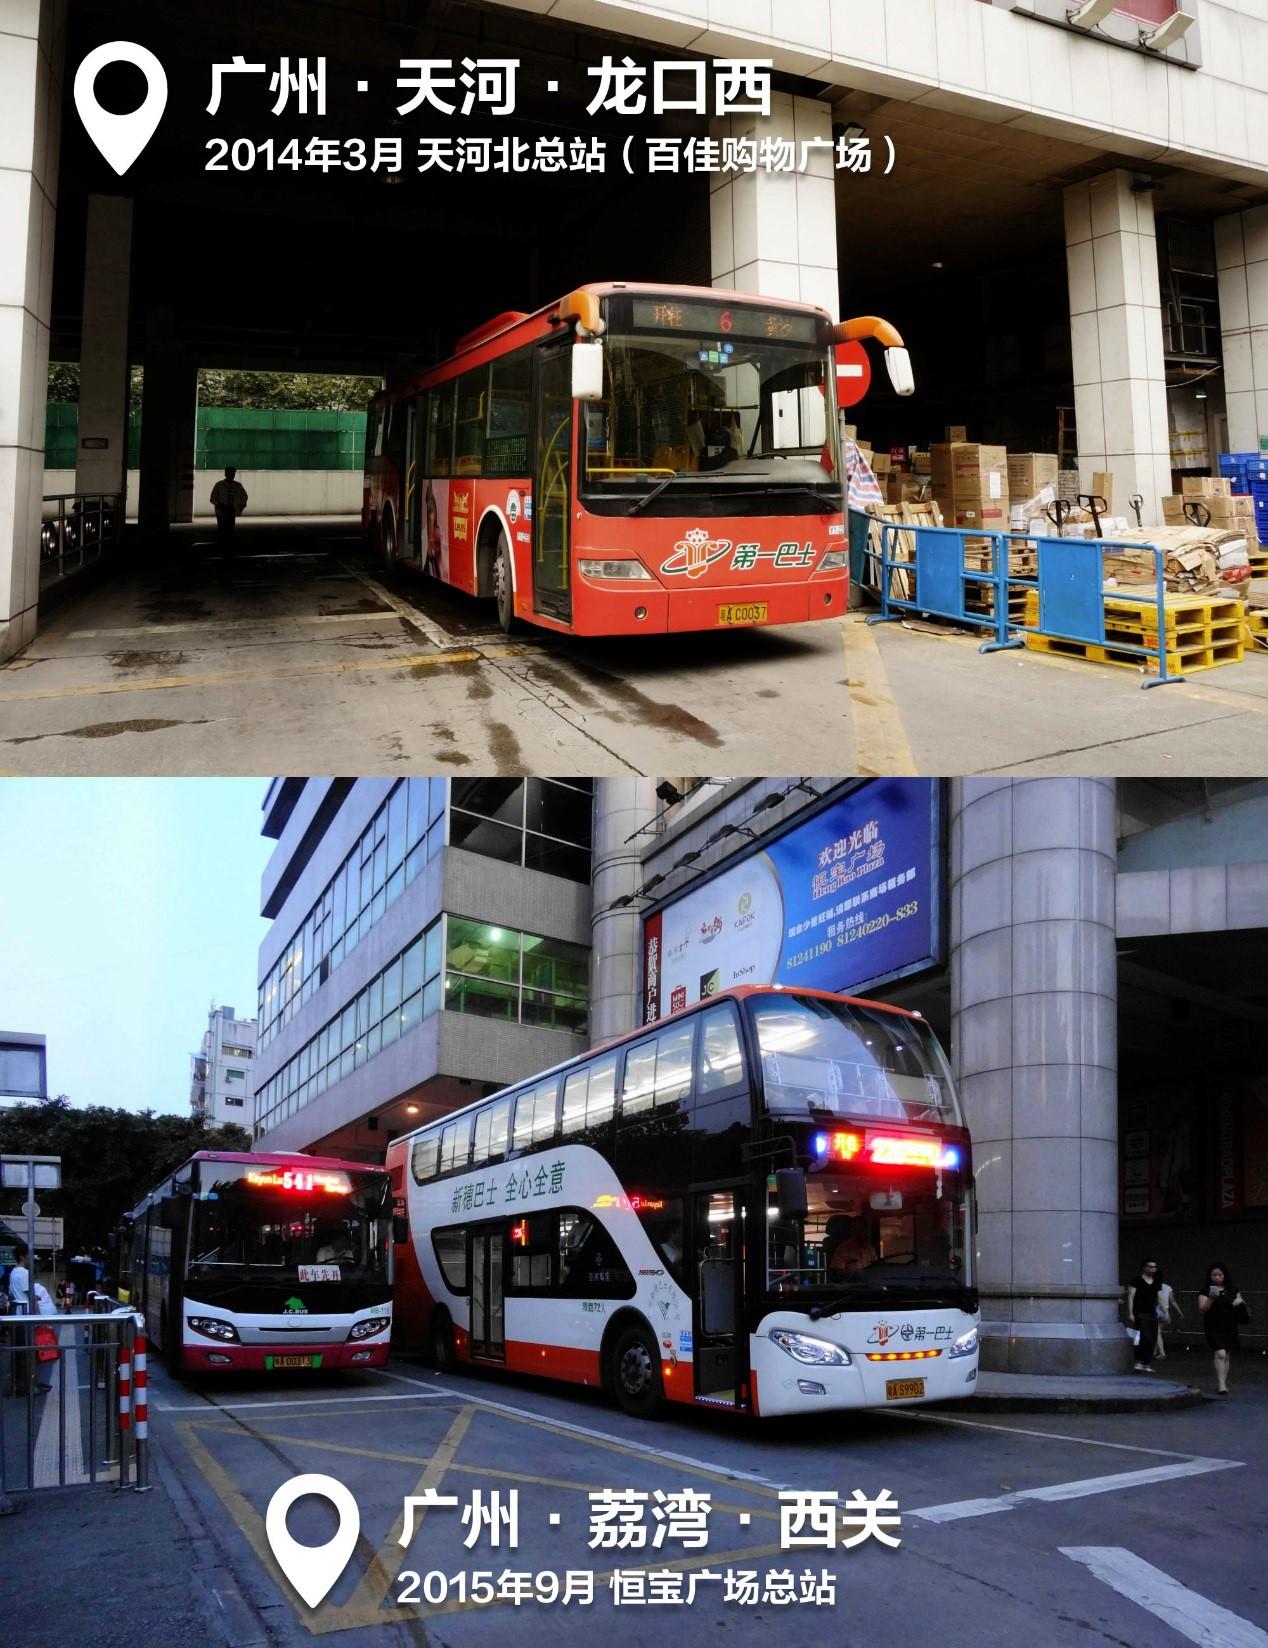 比较主动地在内部建设平行车道式总站,且楼层净空可容纳双层巴士,这样的项目往往背后有港资企业的影子。